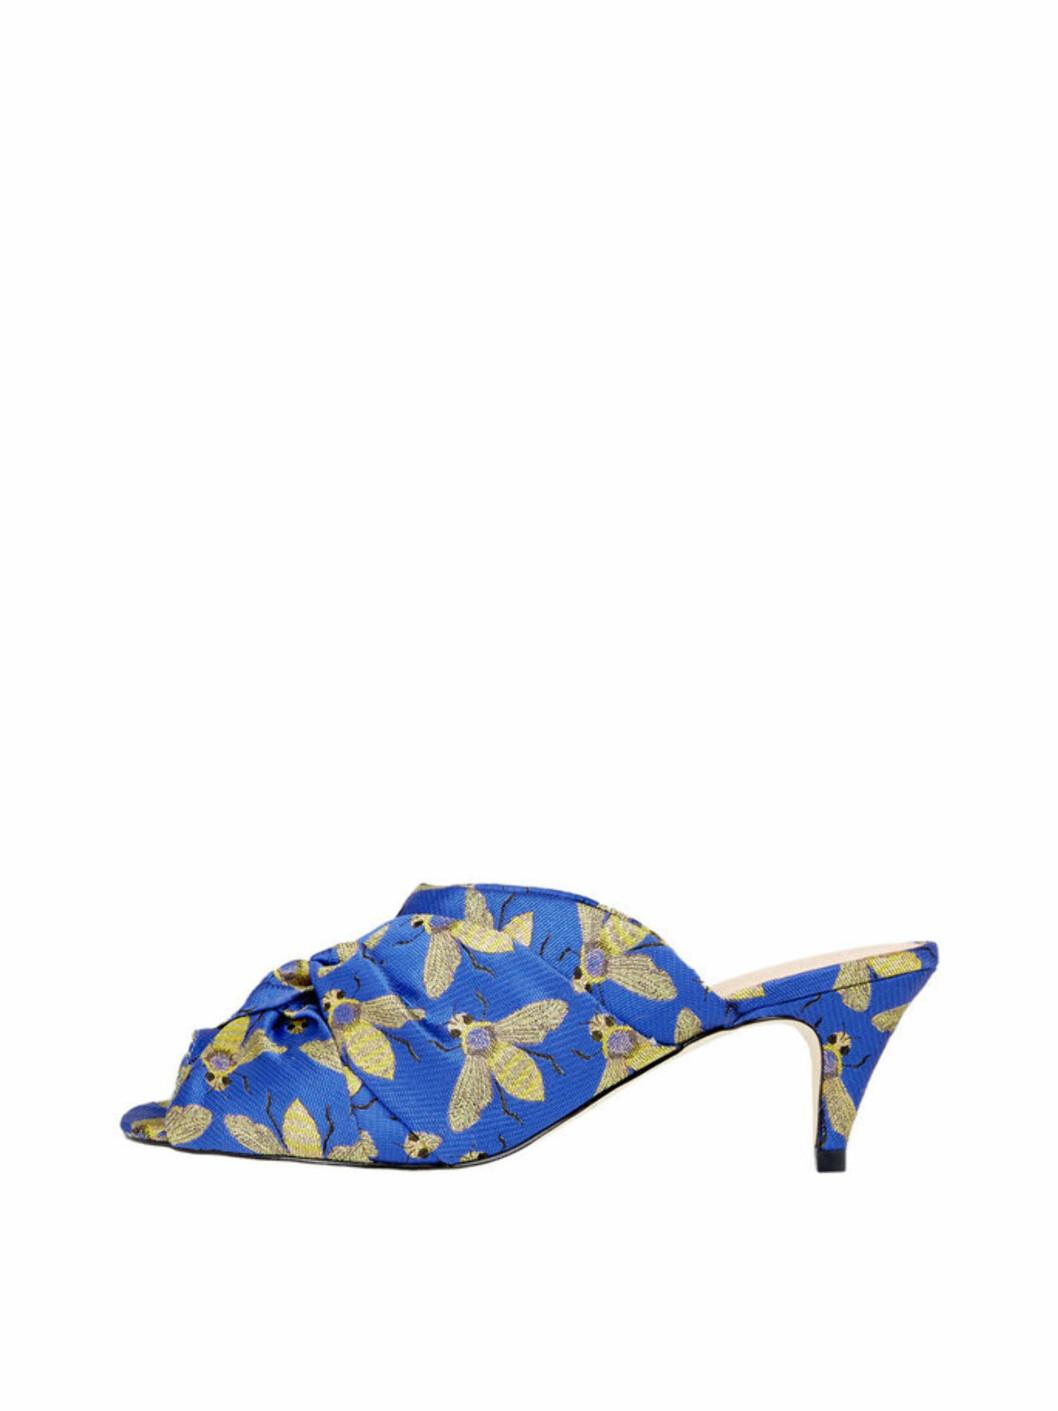 <strong>Sko fra Bianco |550,-| https:</strong>//www.bianco.com/no/no/bi/damesko/sandaler/sandaler-med-hael/kitten-heel-mules-93549721.html?cgid=bi-women-heeled-sandals&dwvar_colorPattern=93549721_Blue